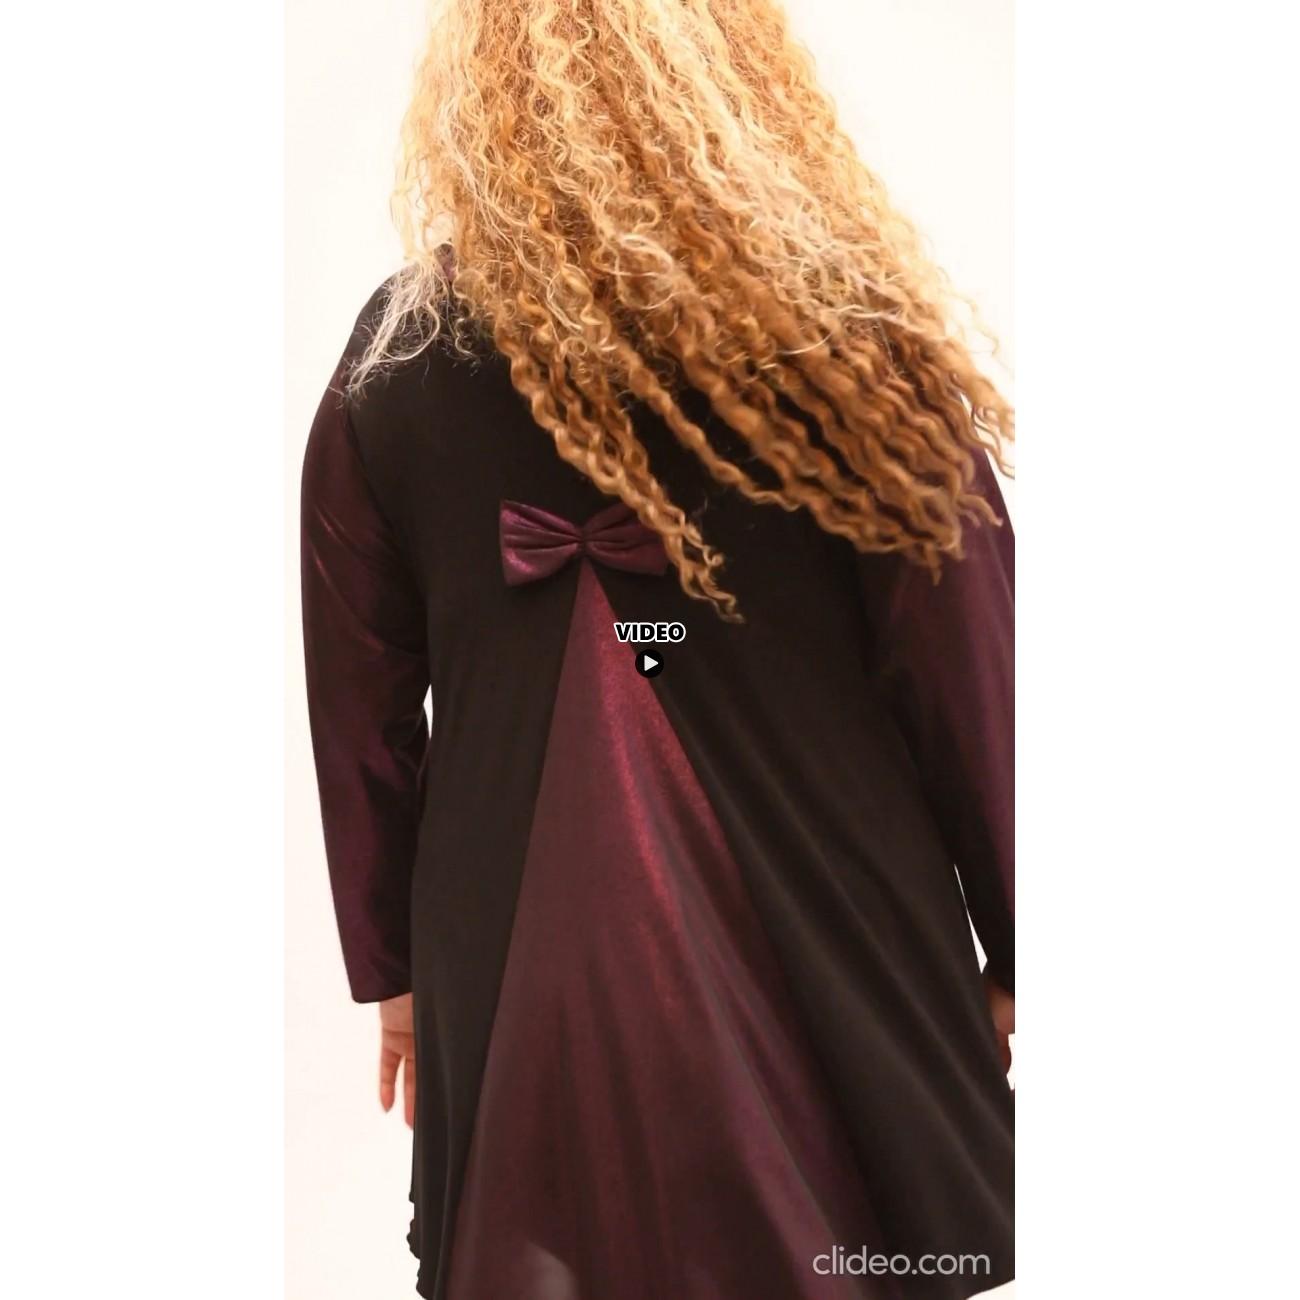 B21-6089 Evaze blouse - Lilac